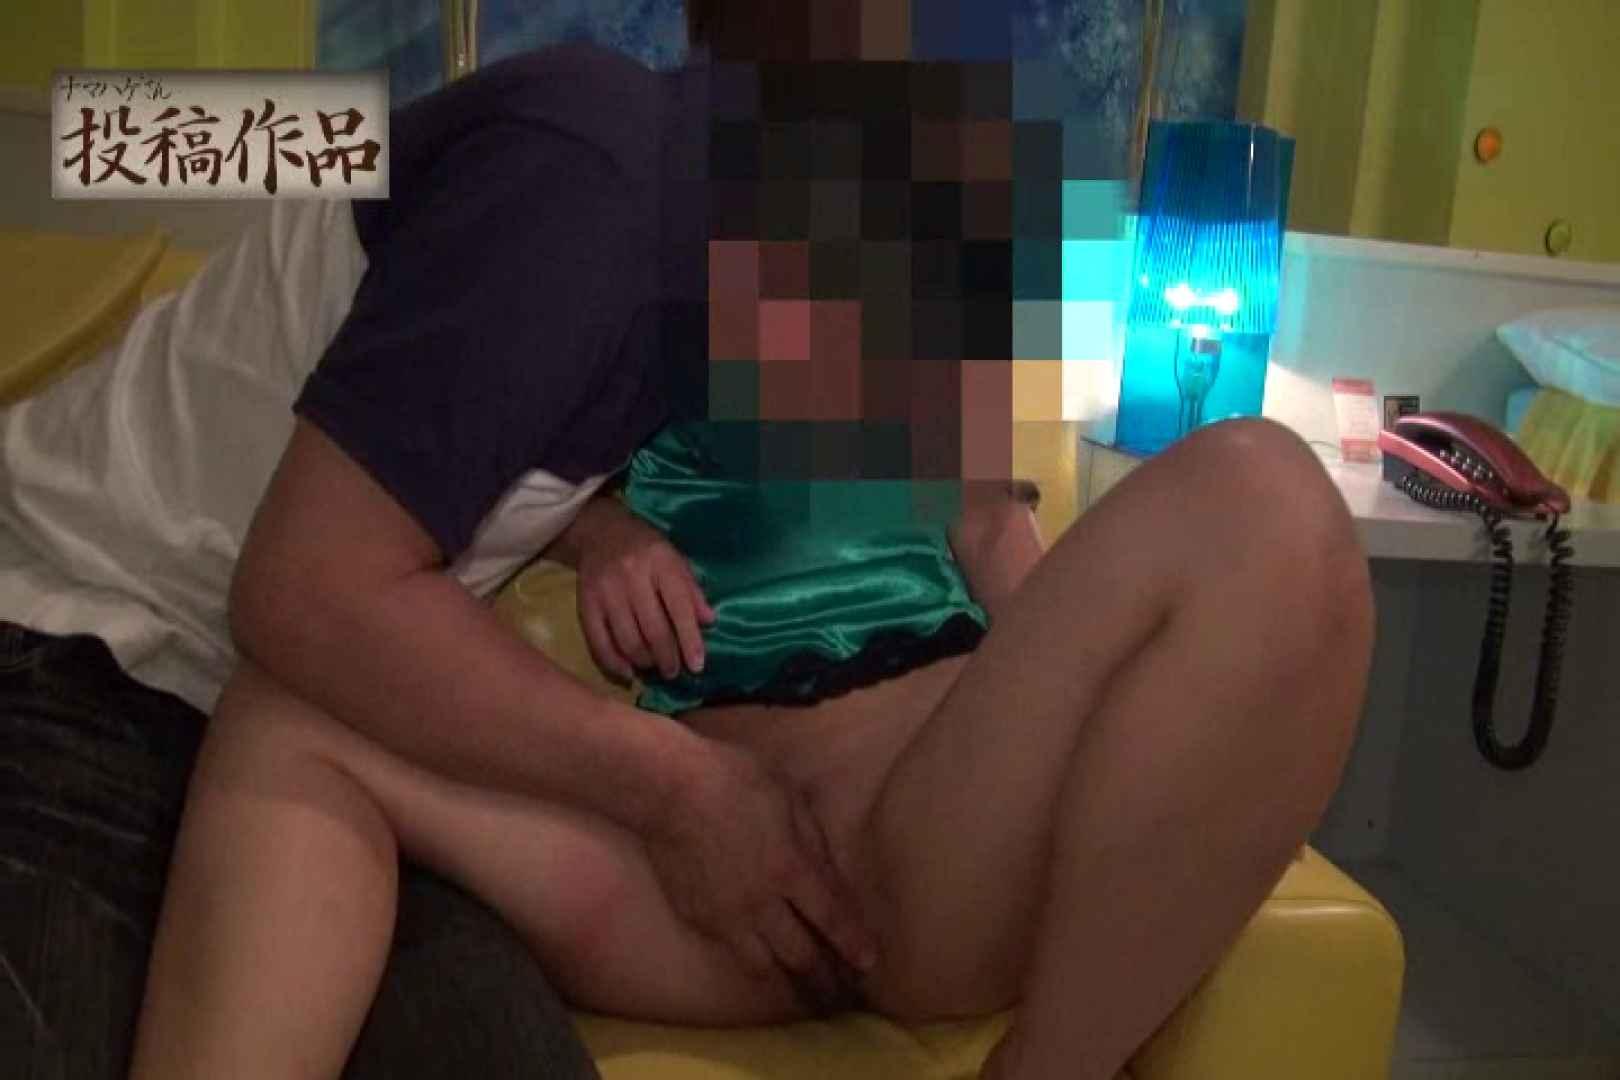 ナマハゲさんのまんこコレクション第二章 maria 人妻丸裸 オメコ動画キャプチャ 86pic 43